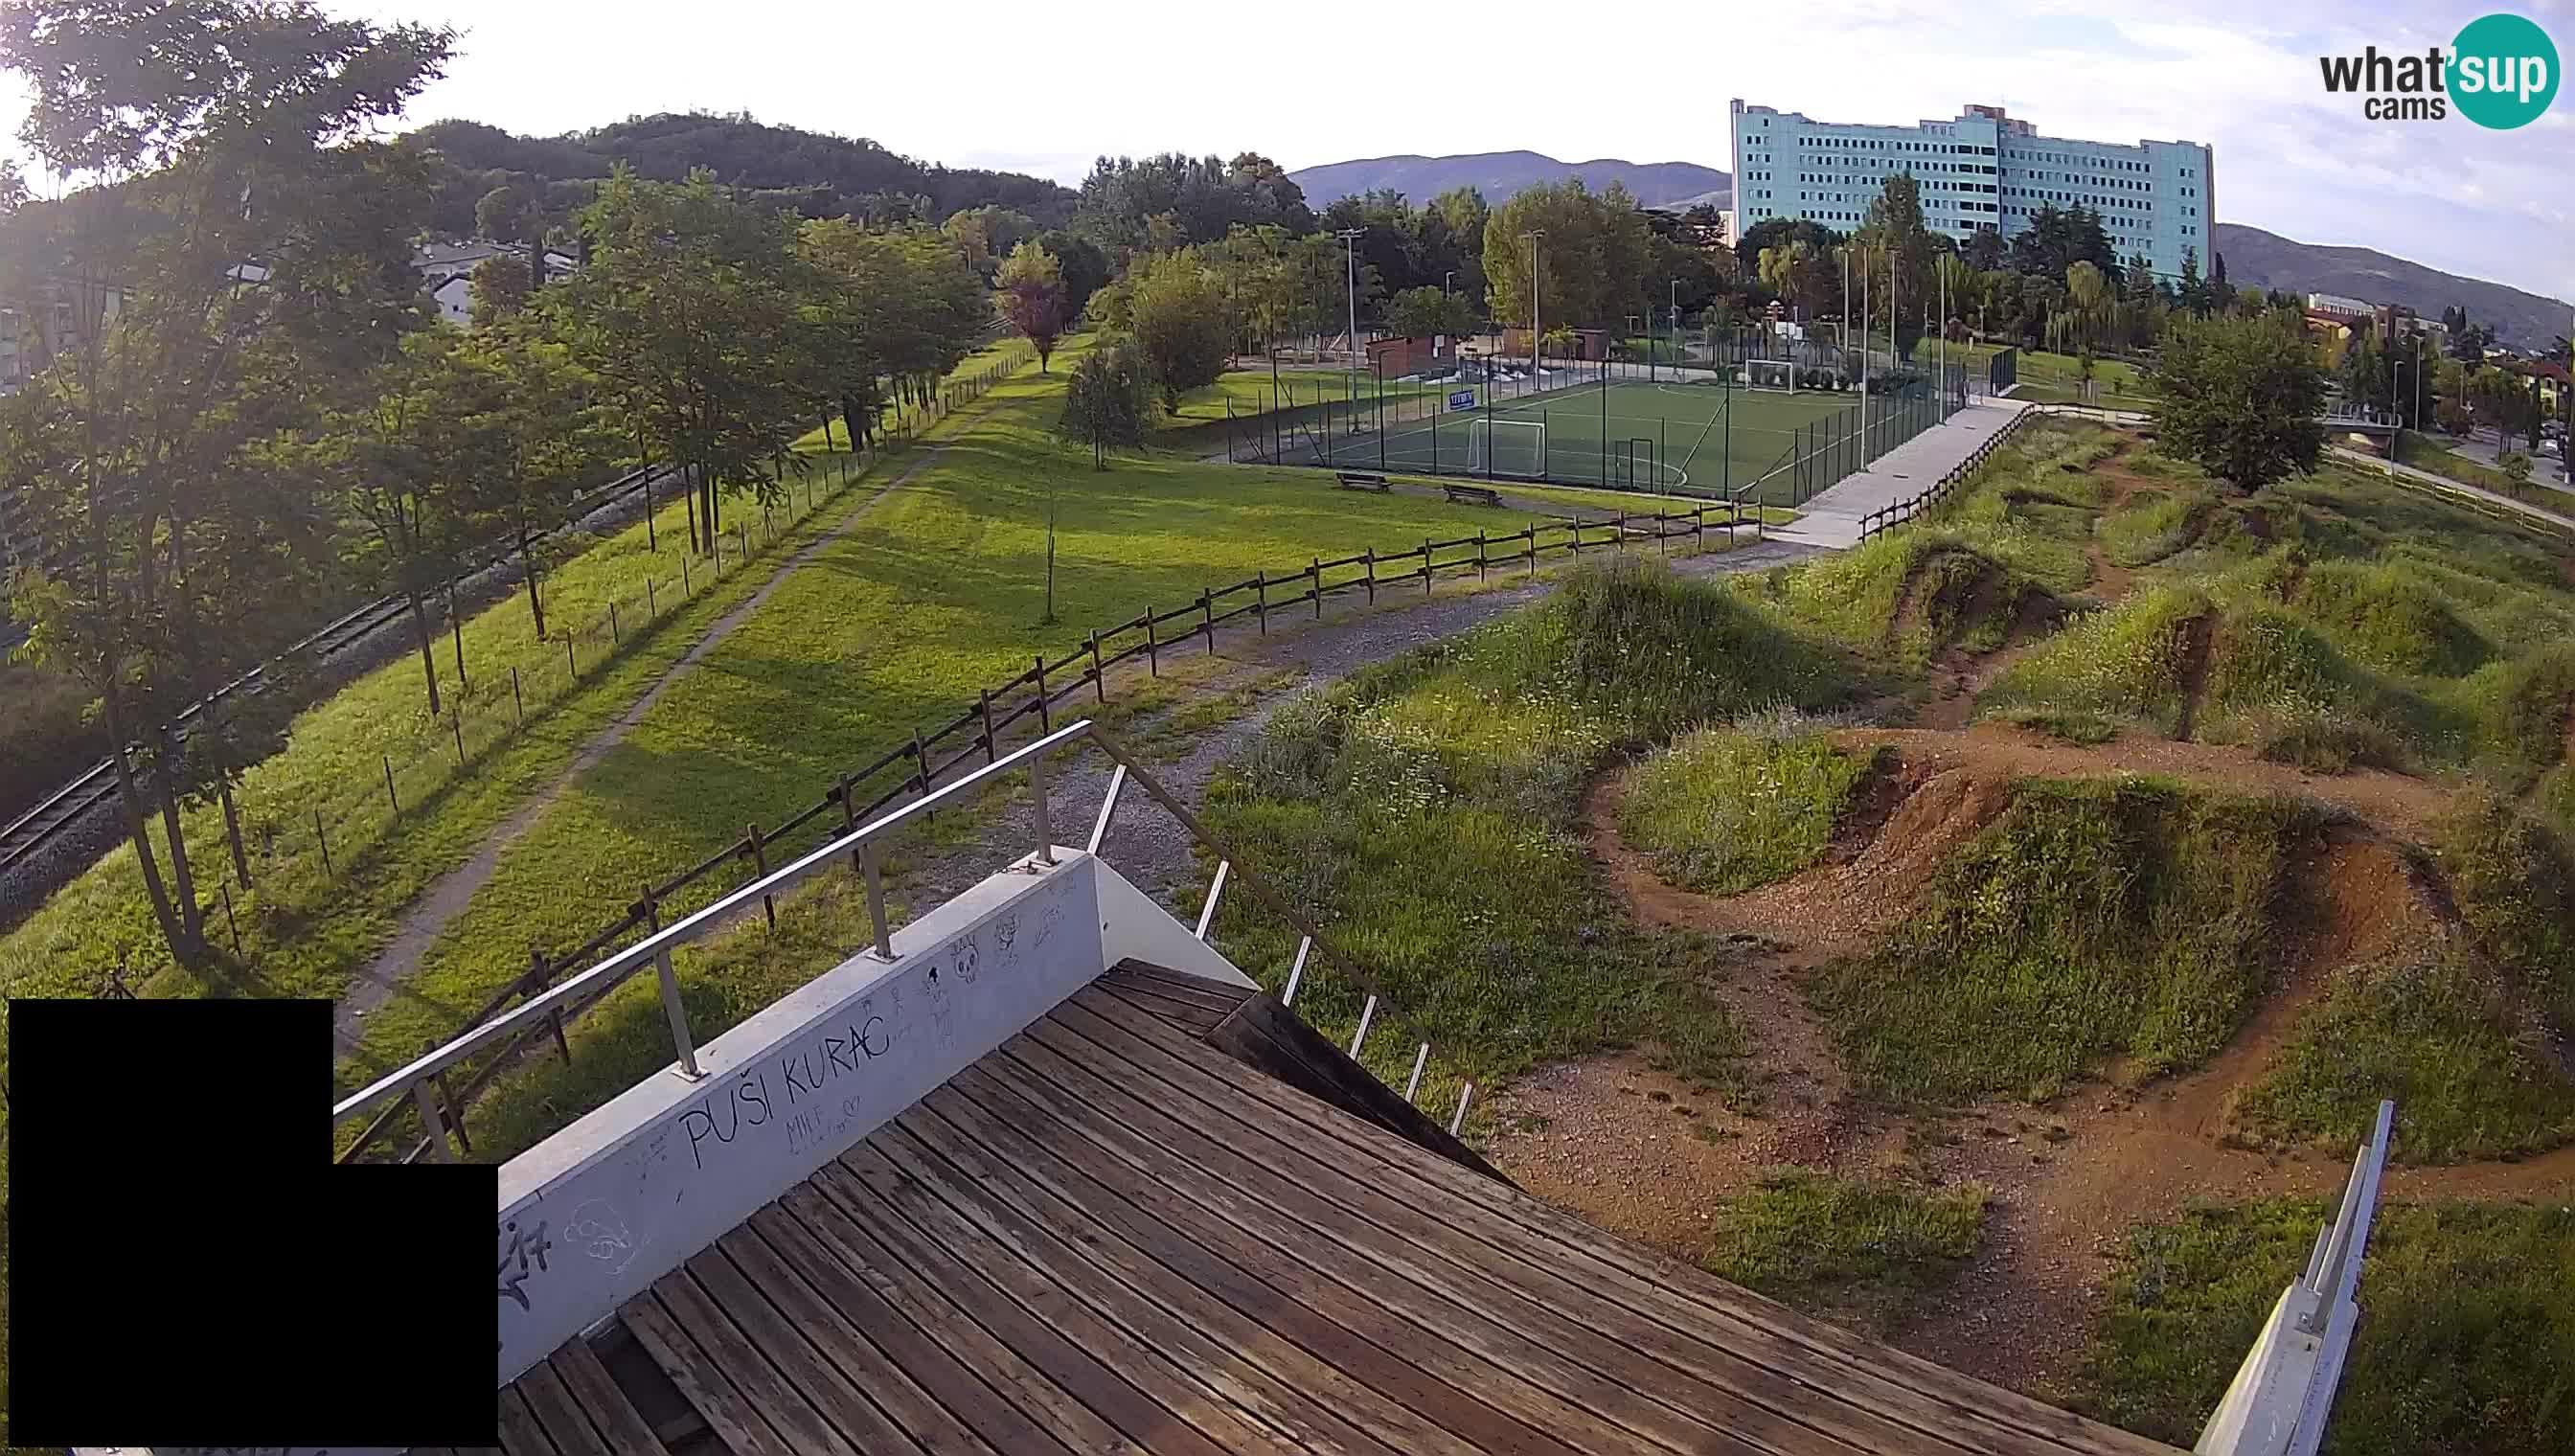 Webcam en direct du parc sportif de Šempeter pri Gorici – Slovénie